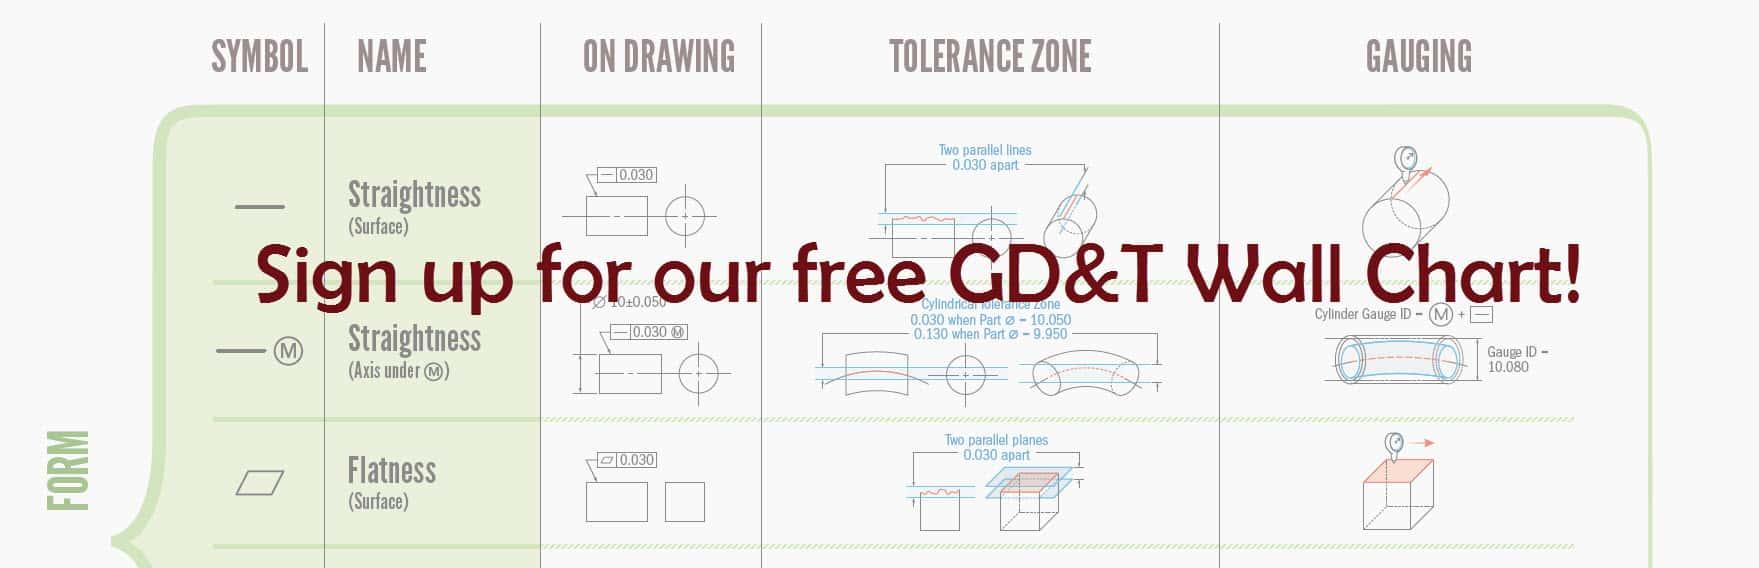 Free GT&T WALL CHART